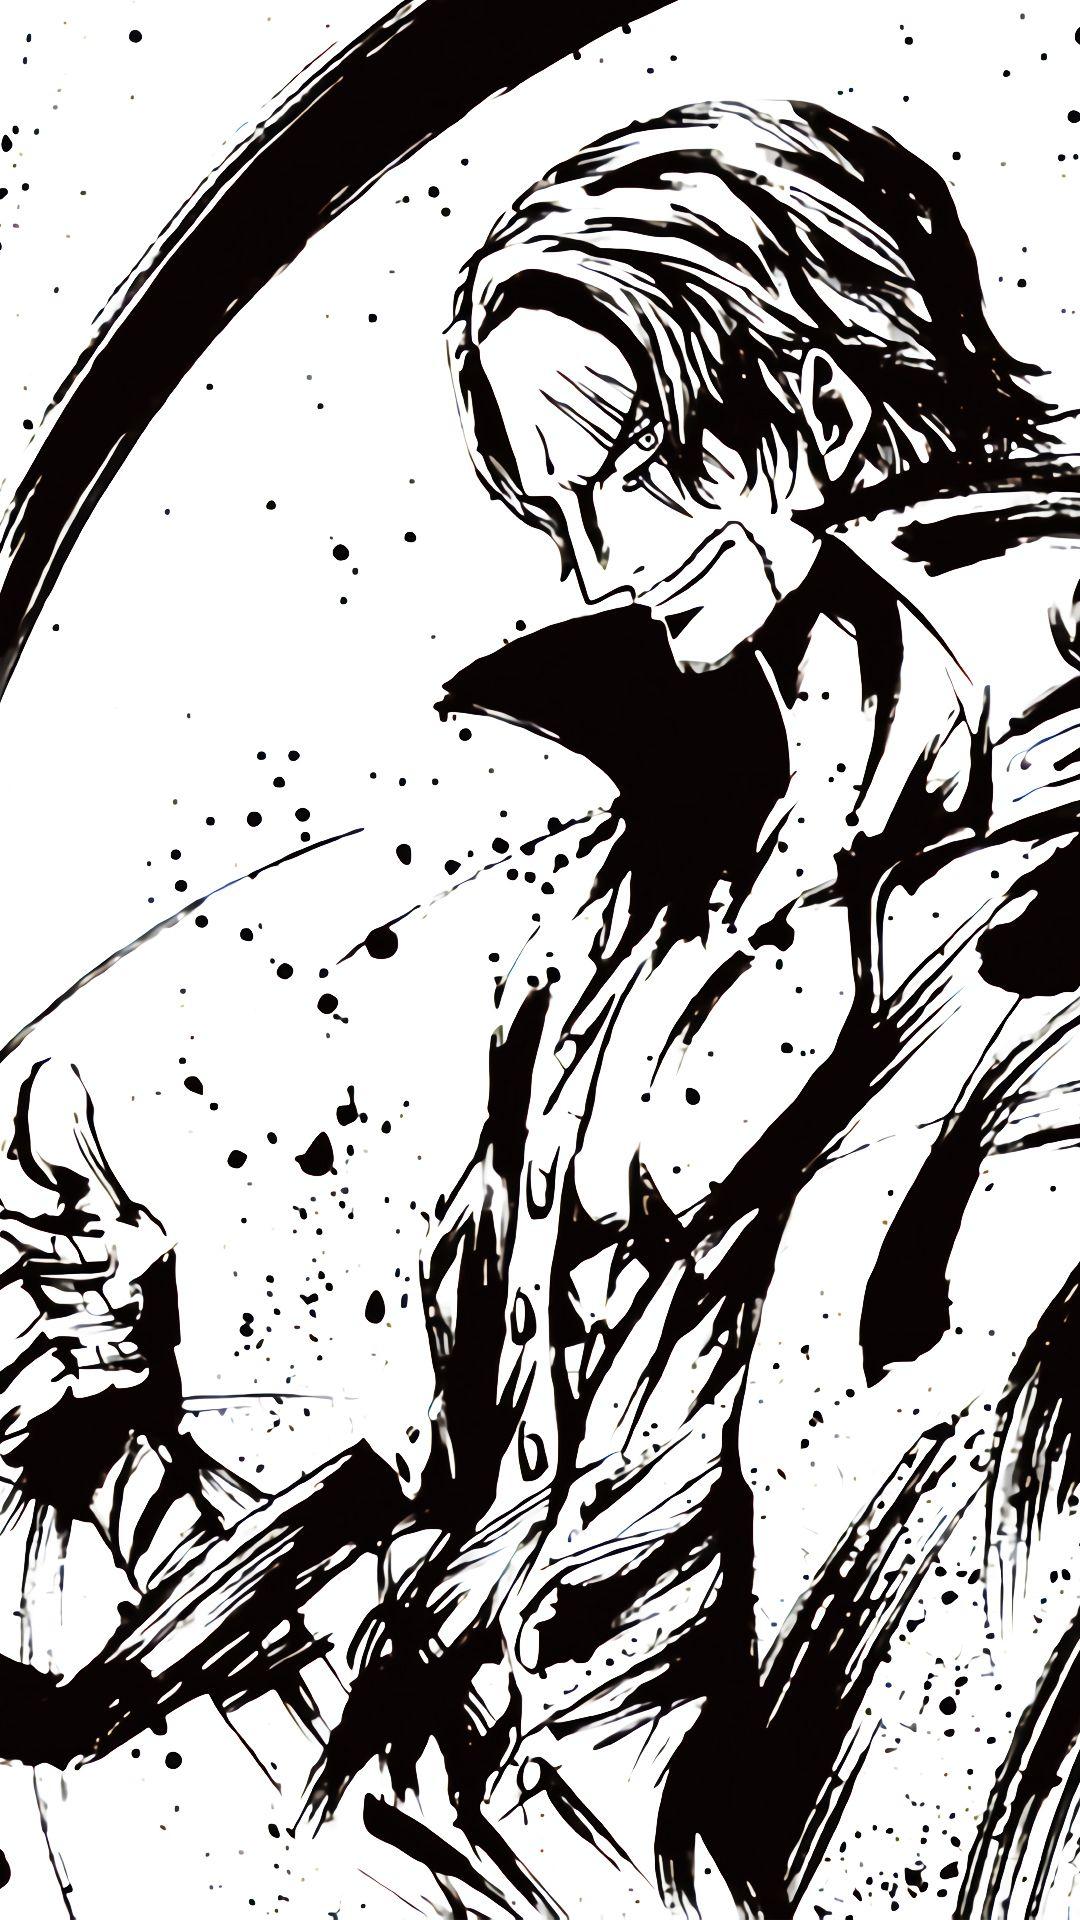 Shanks 白黒の壁紙 かっこいい 壁紙 アニメ シャンクス